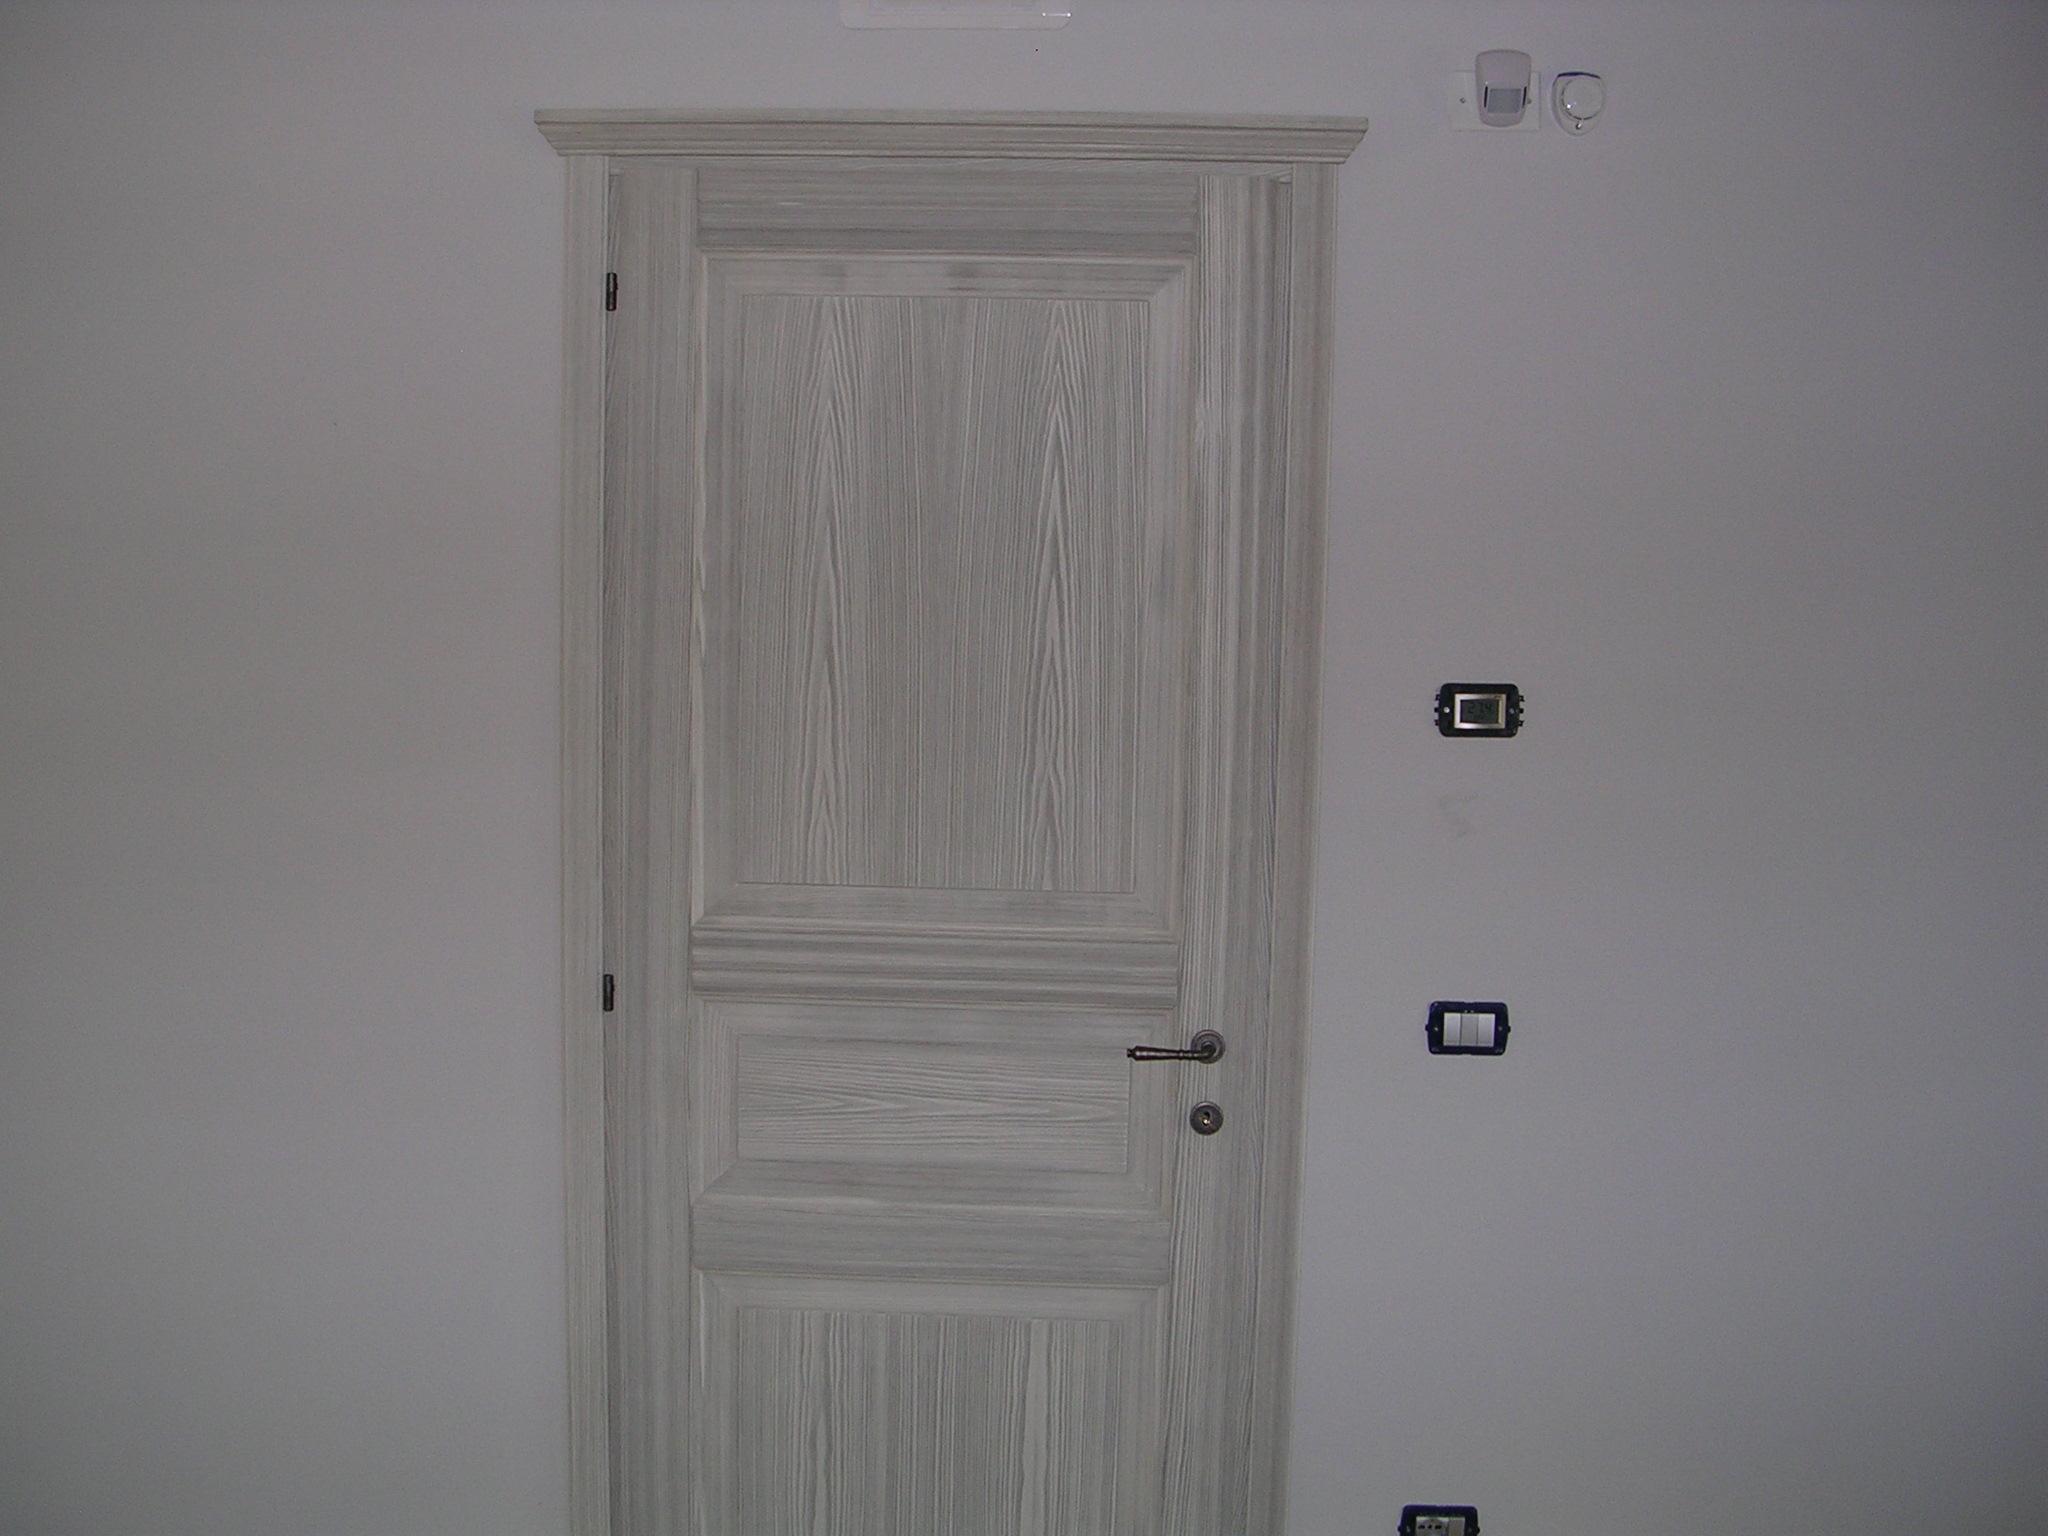 Porte Rovere Sbiancato Spazzolato porta a tre riquadri in larice spazzolato padova